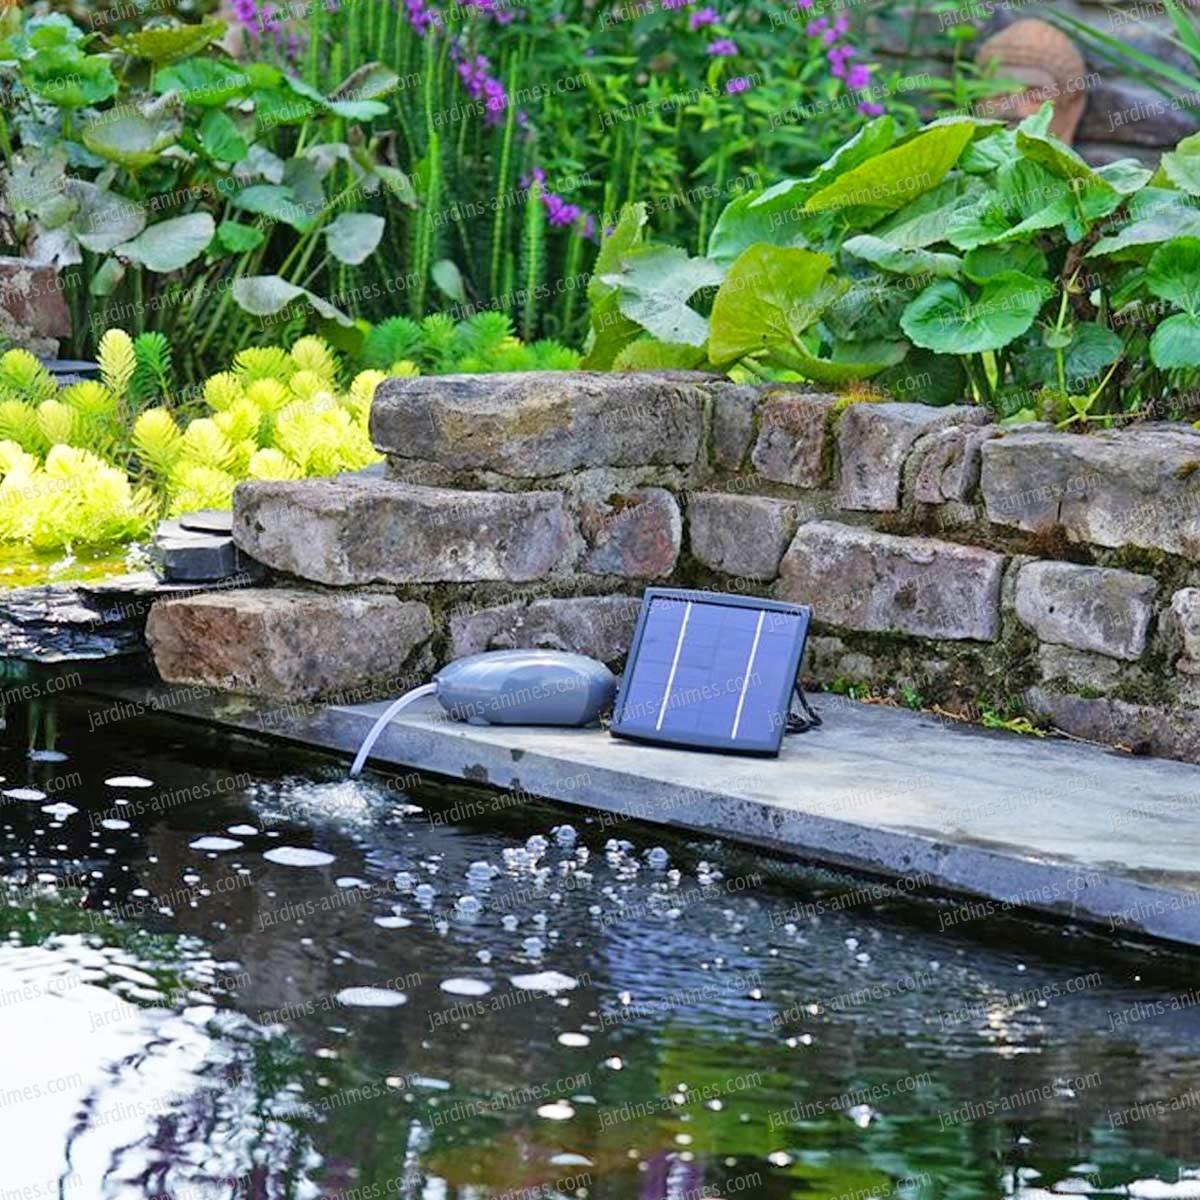 Pompe D'aération Solaire Pour Bassin dedans Pompe Pour Bassin De Jardin